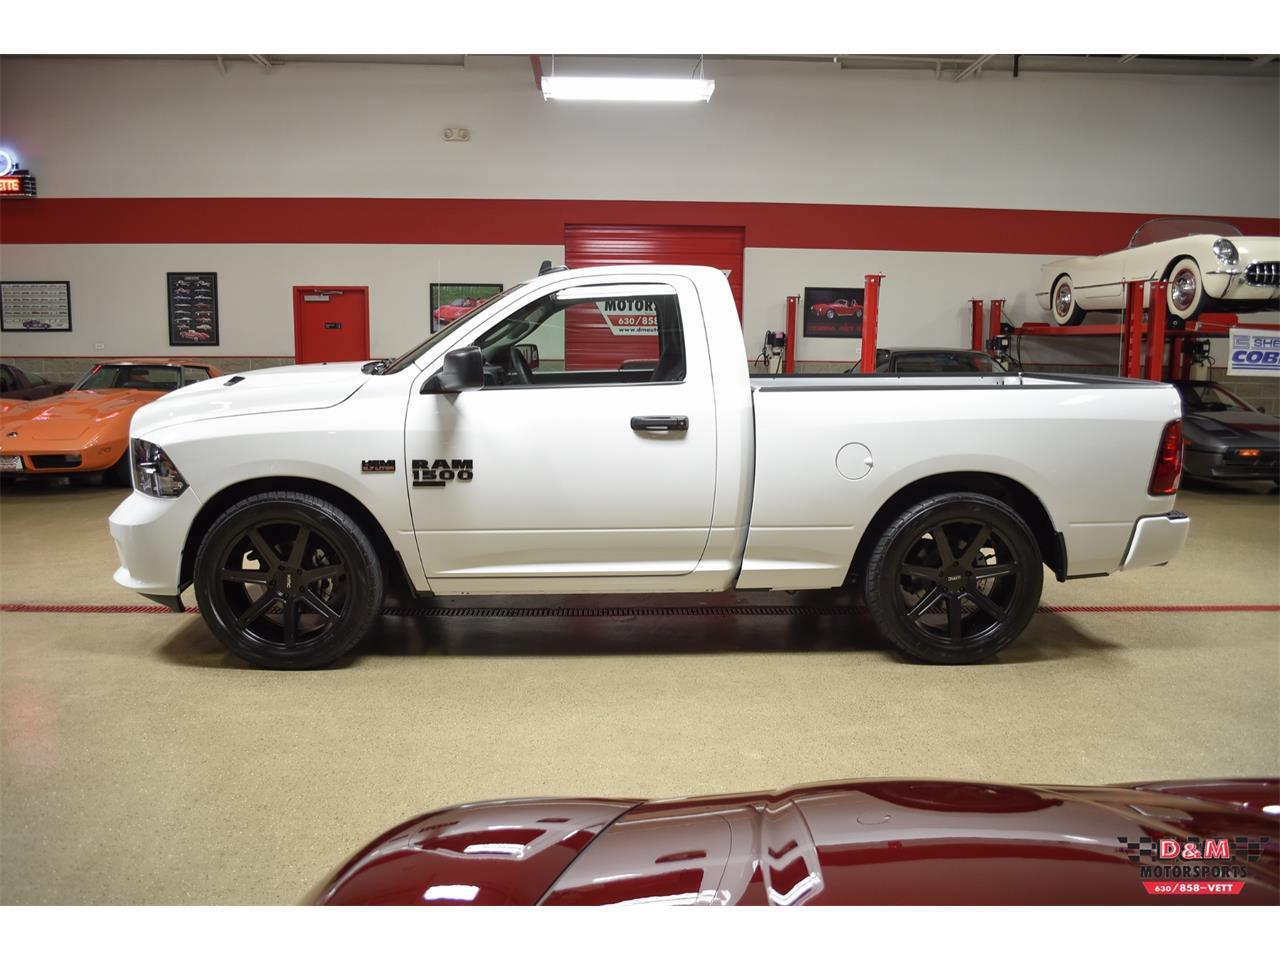 2019 Dodge Ram (CC-1386837) for sale in Glen Ellyn, Illinois